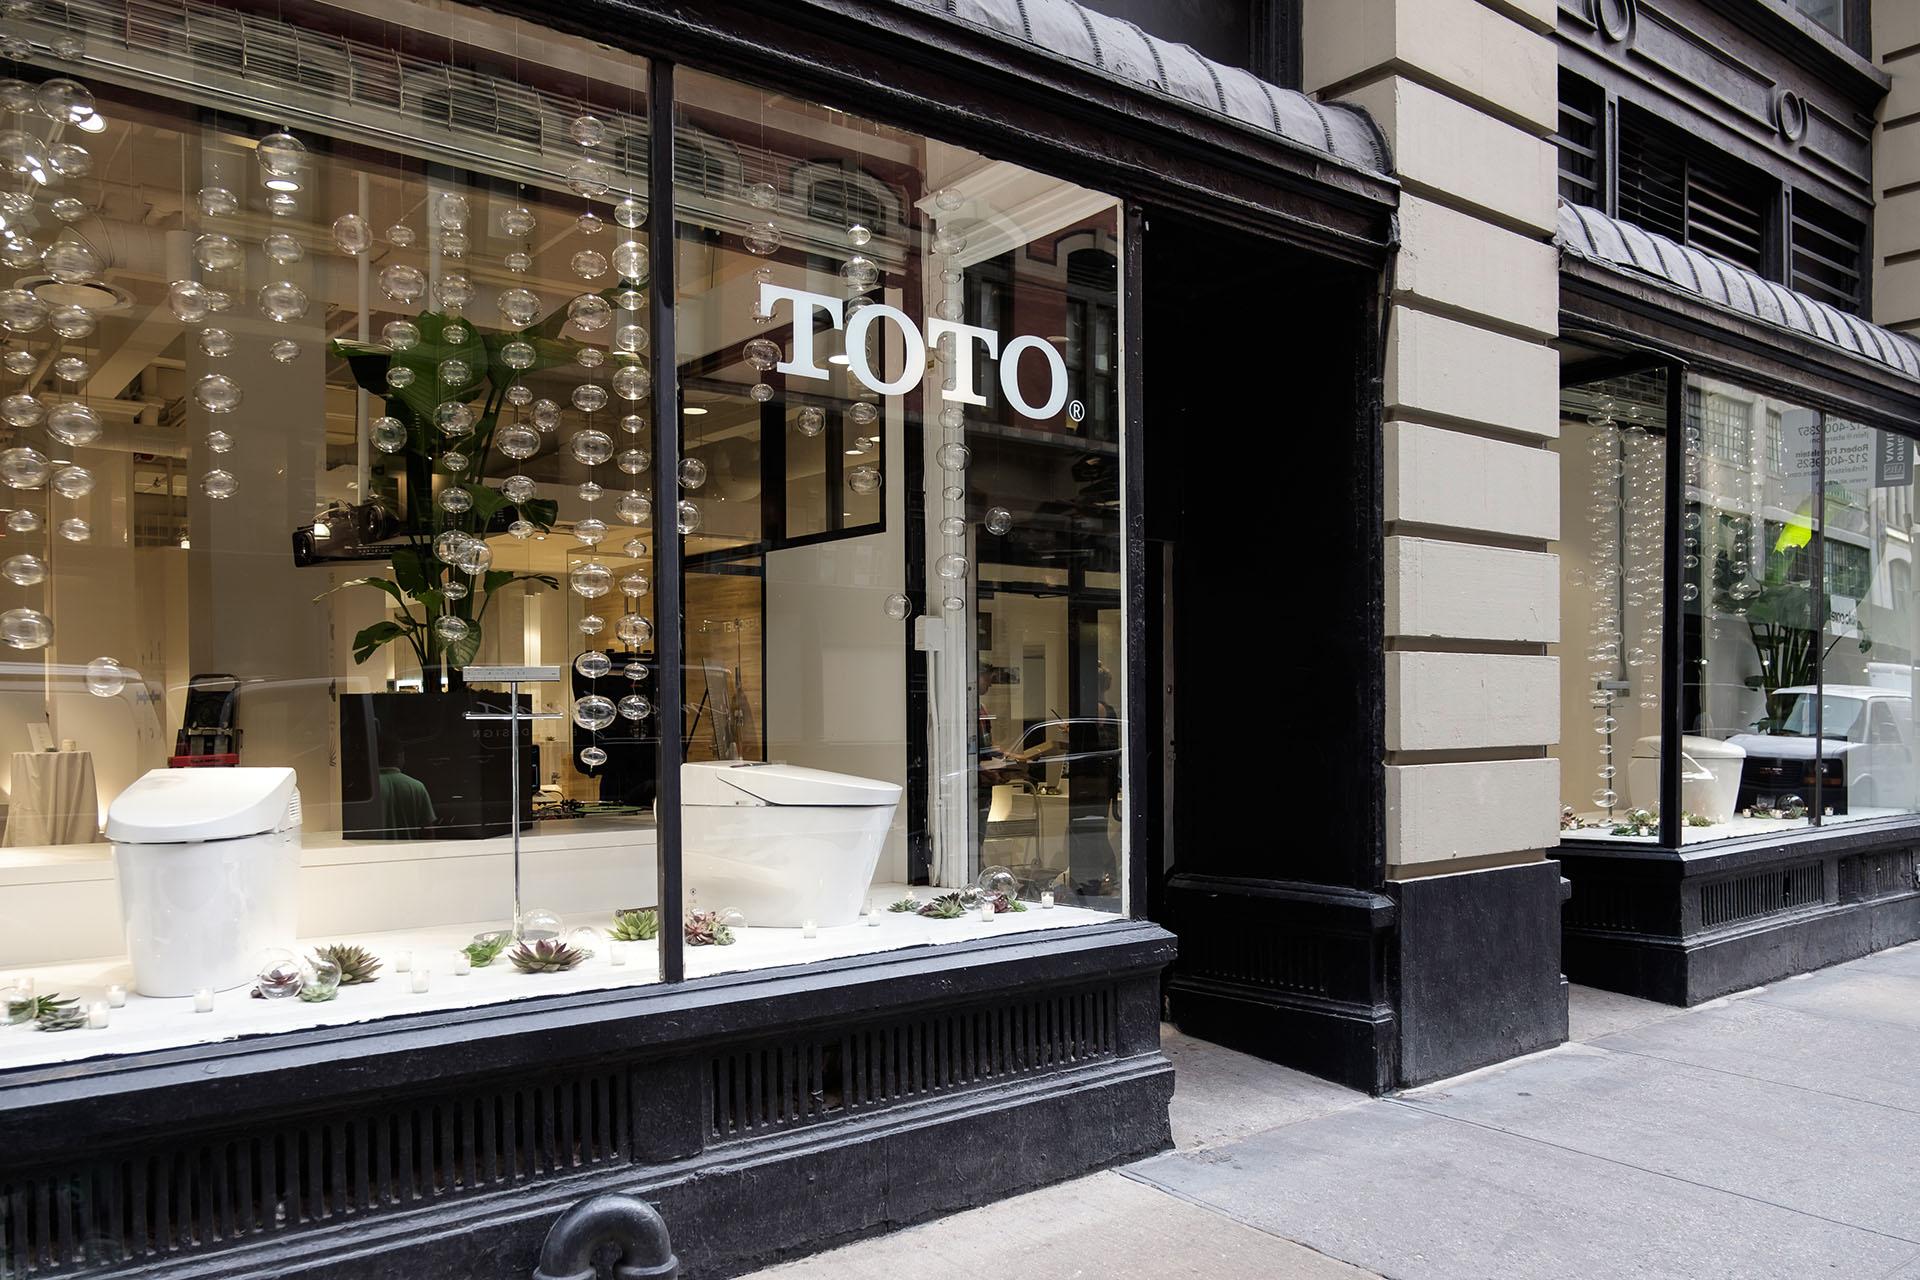 TOTO Pro - TotoUSA.com